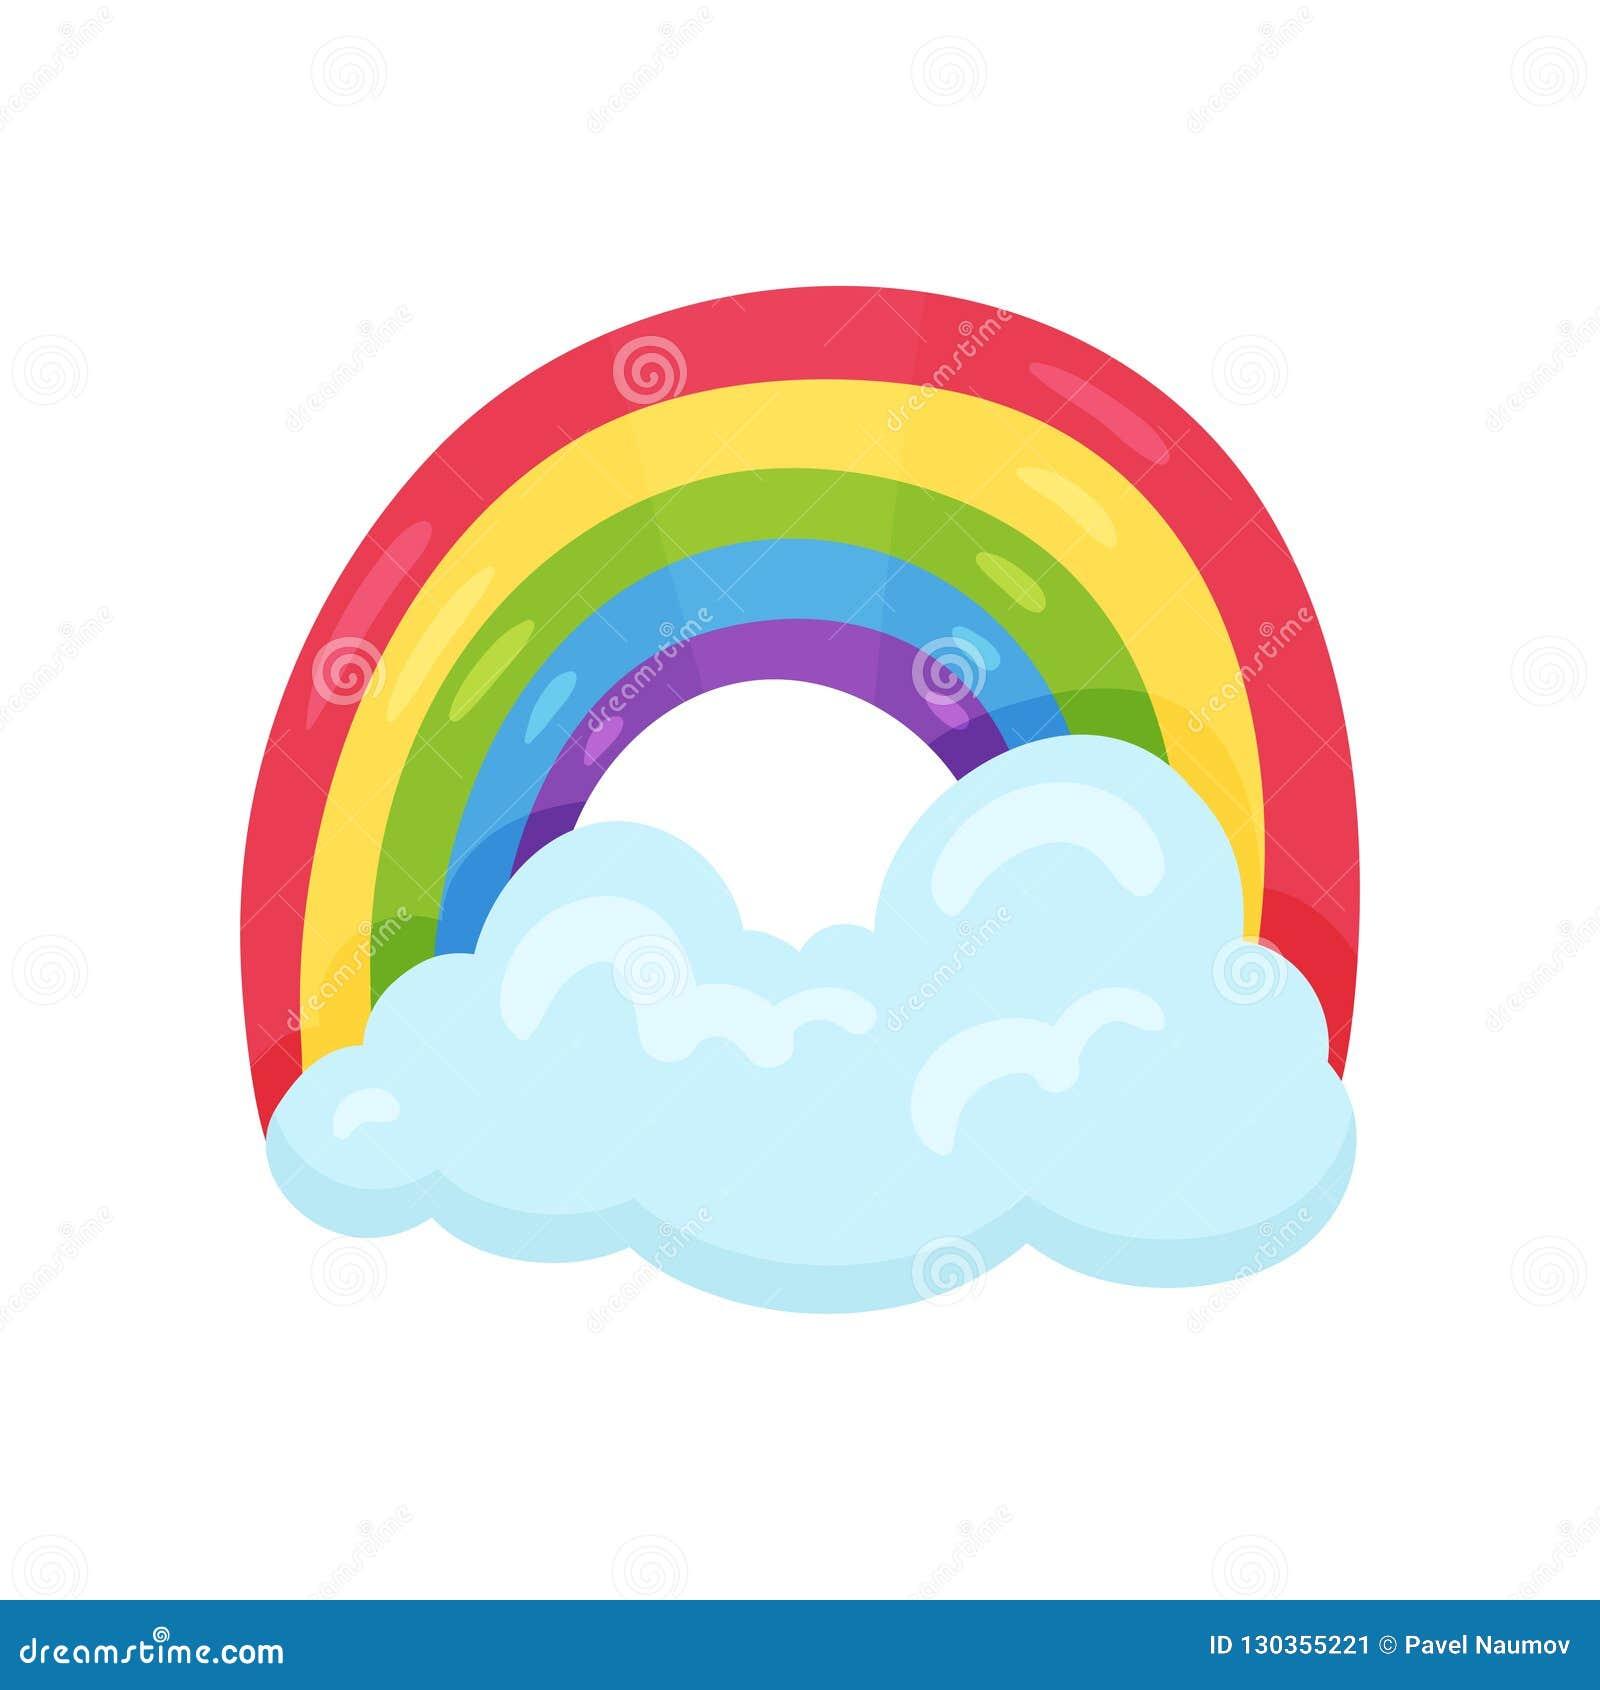 与大蓝色云彩的逗人喜爱的多彩多姿的彩虹 天气符号 儿童居室的装饰墙壁贴纸 平的传染媒介